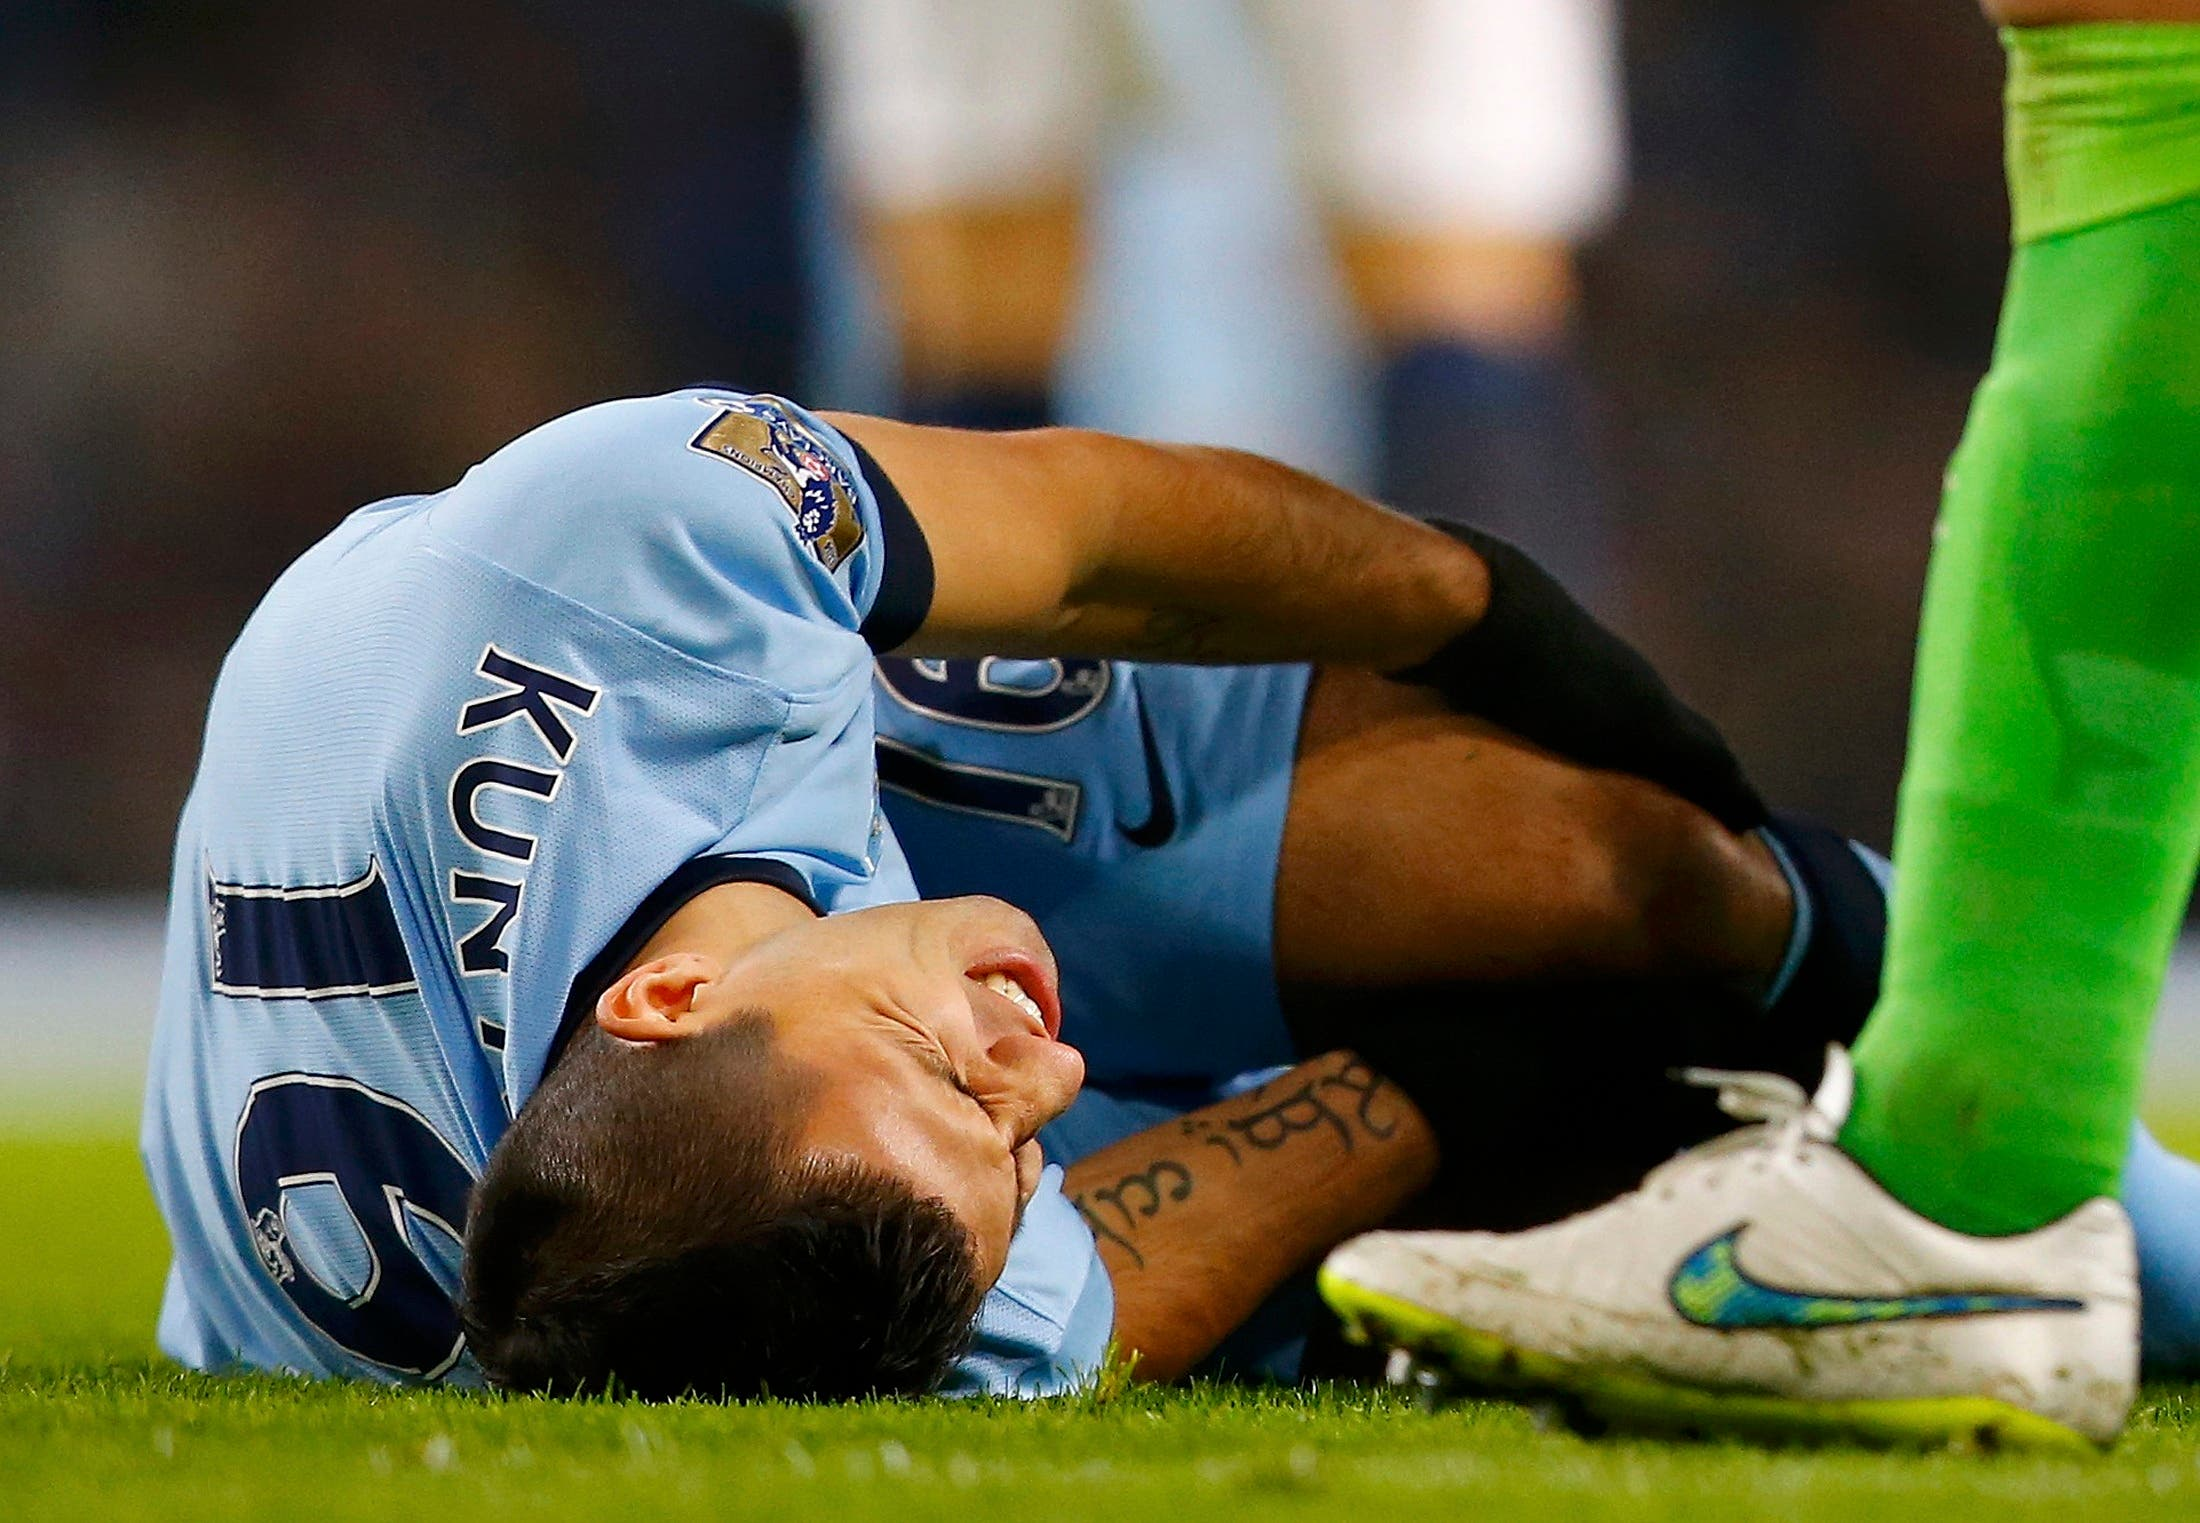 أغويرو تعرض إلى إصابة في الركبة ضمن مواجهة إيفرتون